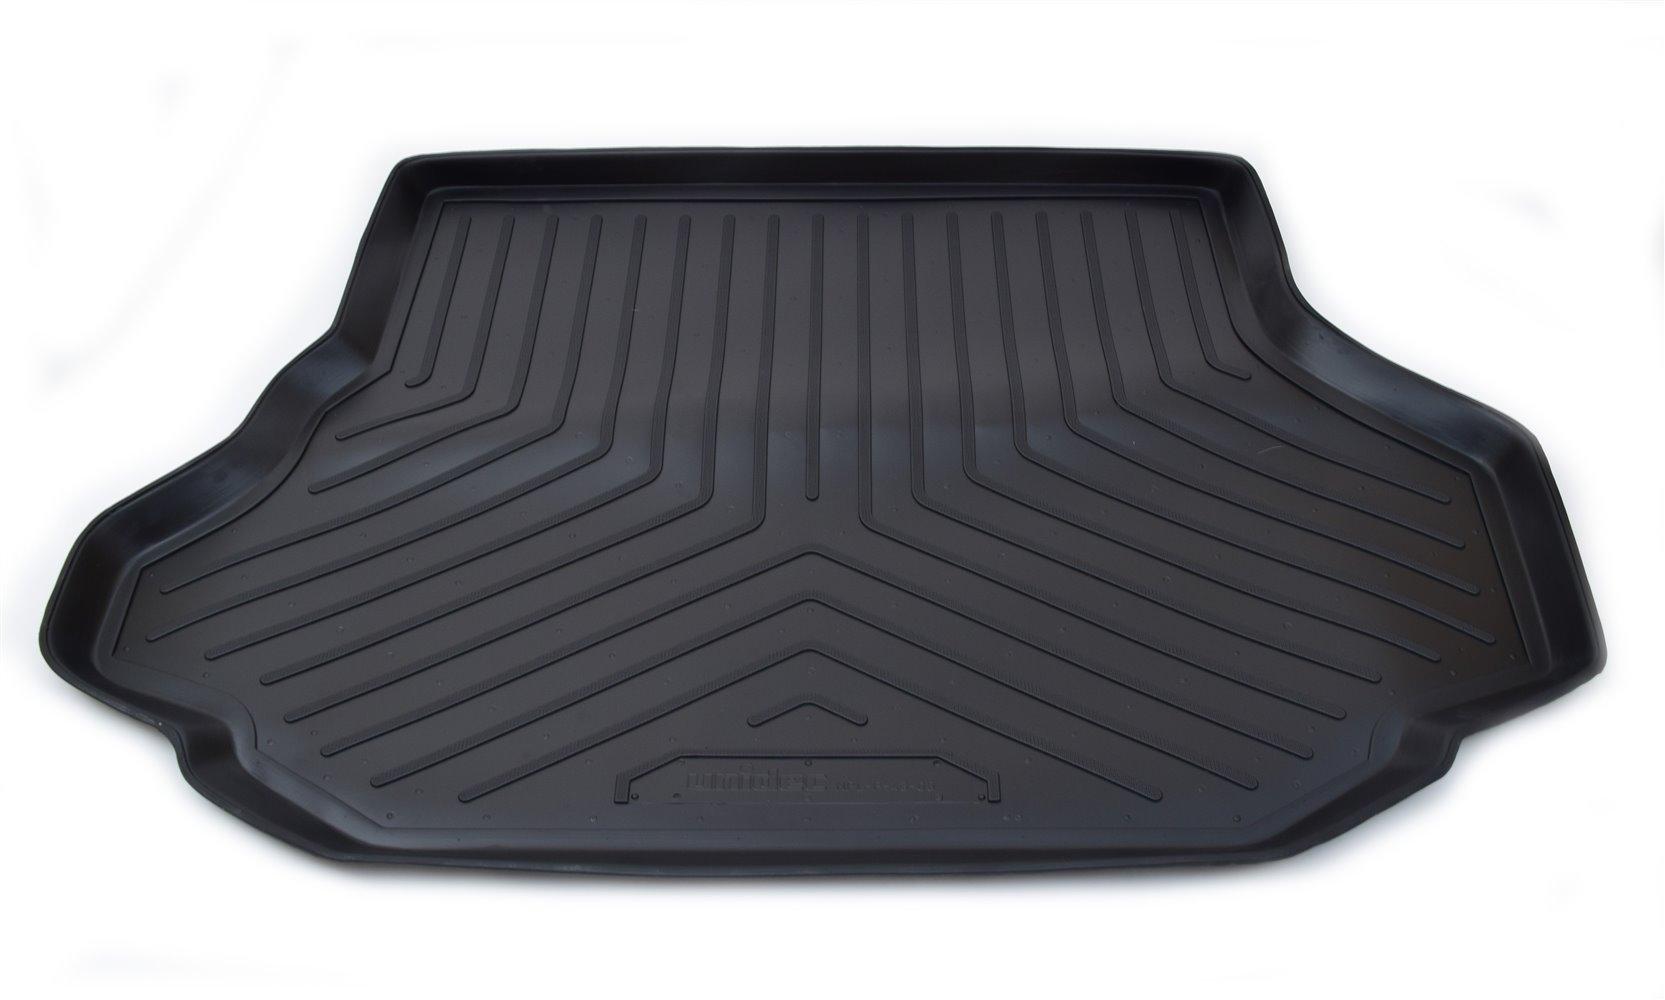 Коврик в багажник автомобиля для Kia norplast (npl-p-43-08)